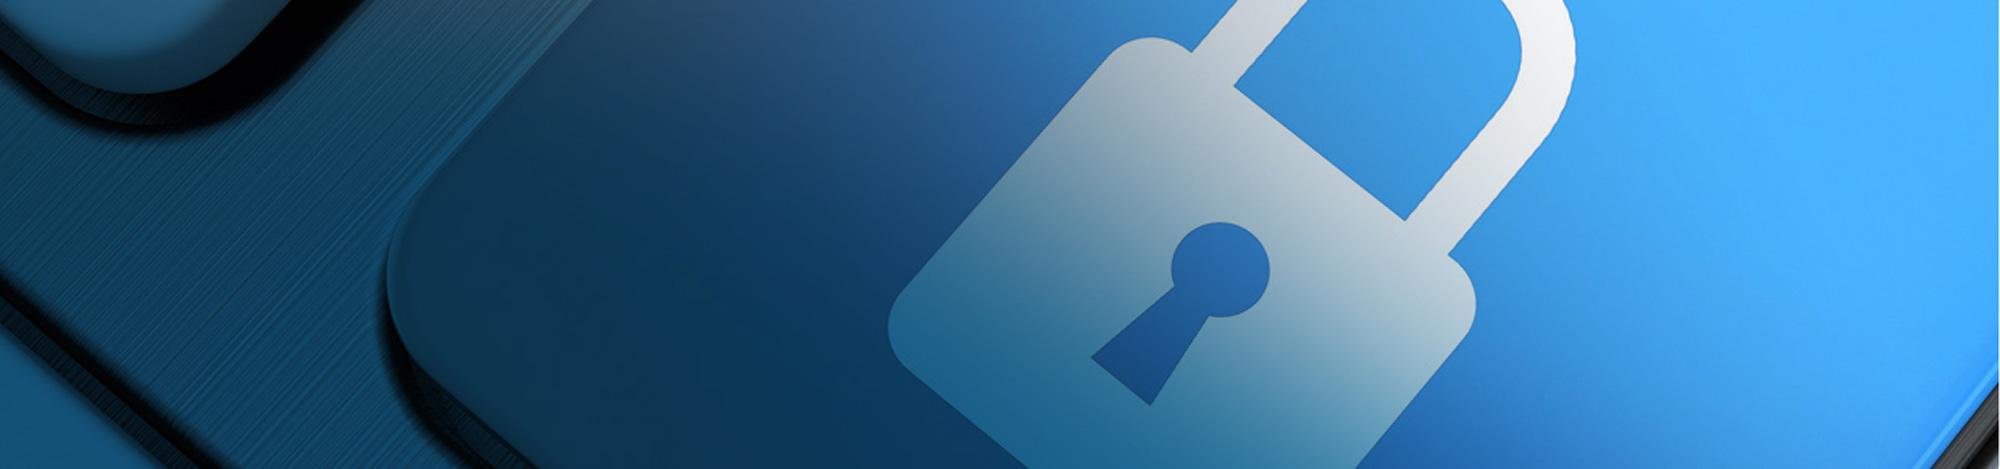 Come importare ed esportare un certificato digitale? 1